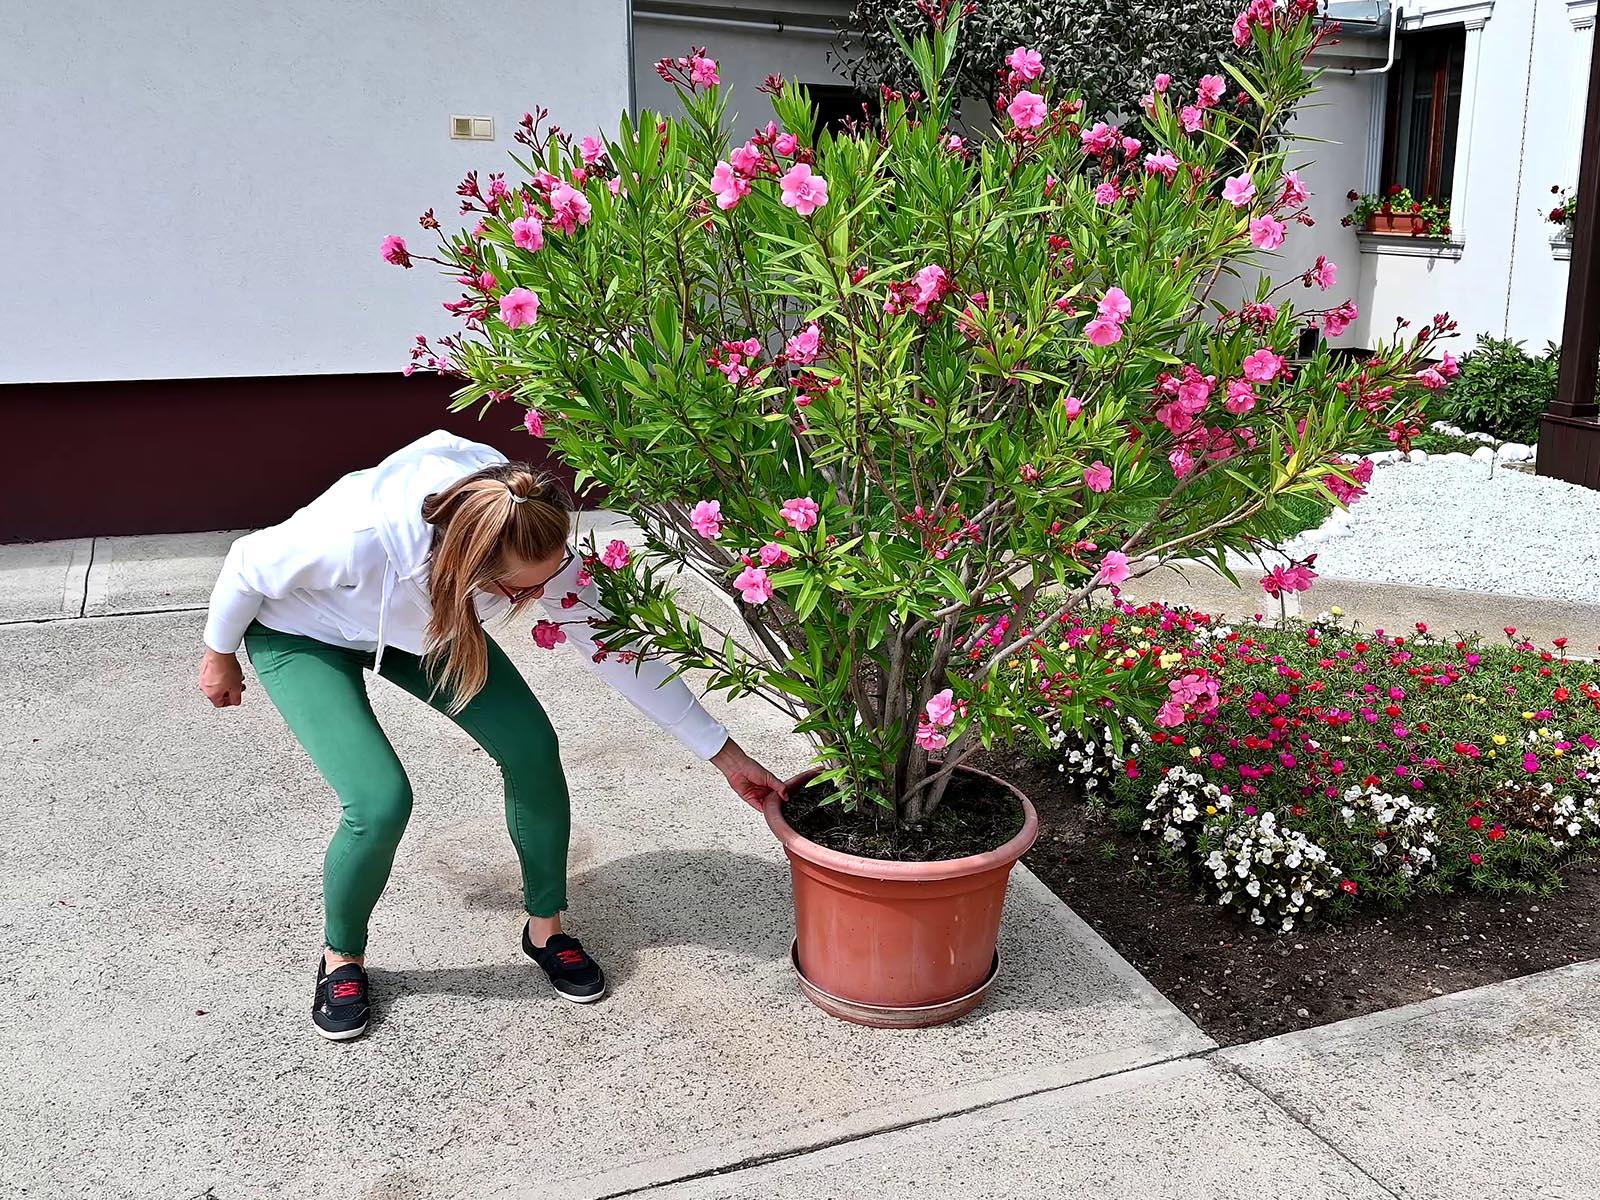 Így is lehet a nagy virágokat mozgatni - bár nem könnyű a betonon végig húzni egy 40 kg-os leandert!